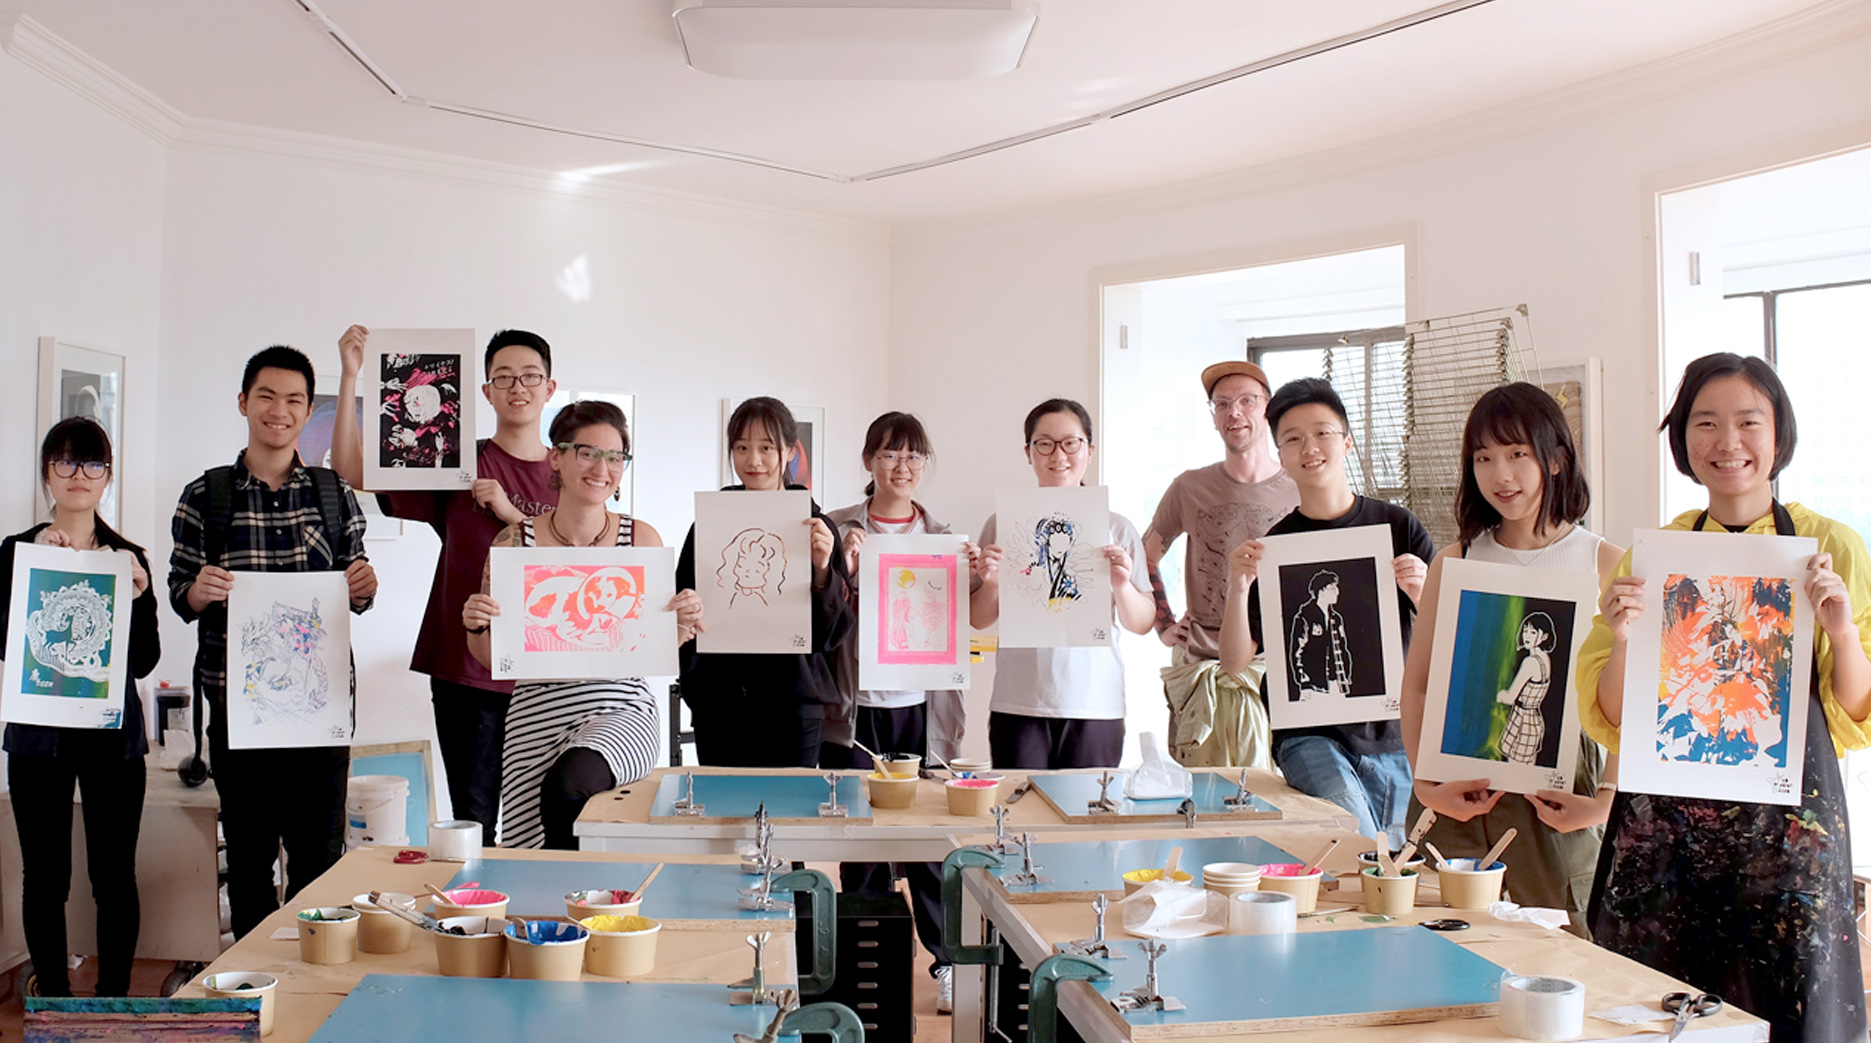 IB_print_club_student_workshop7.jpg